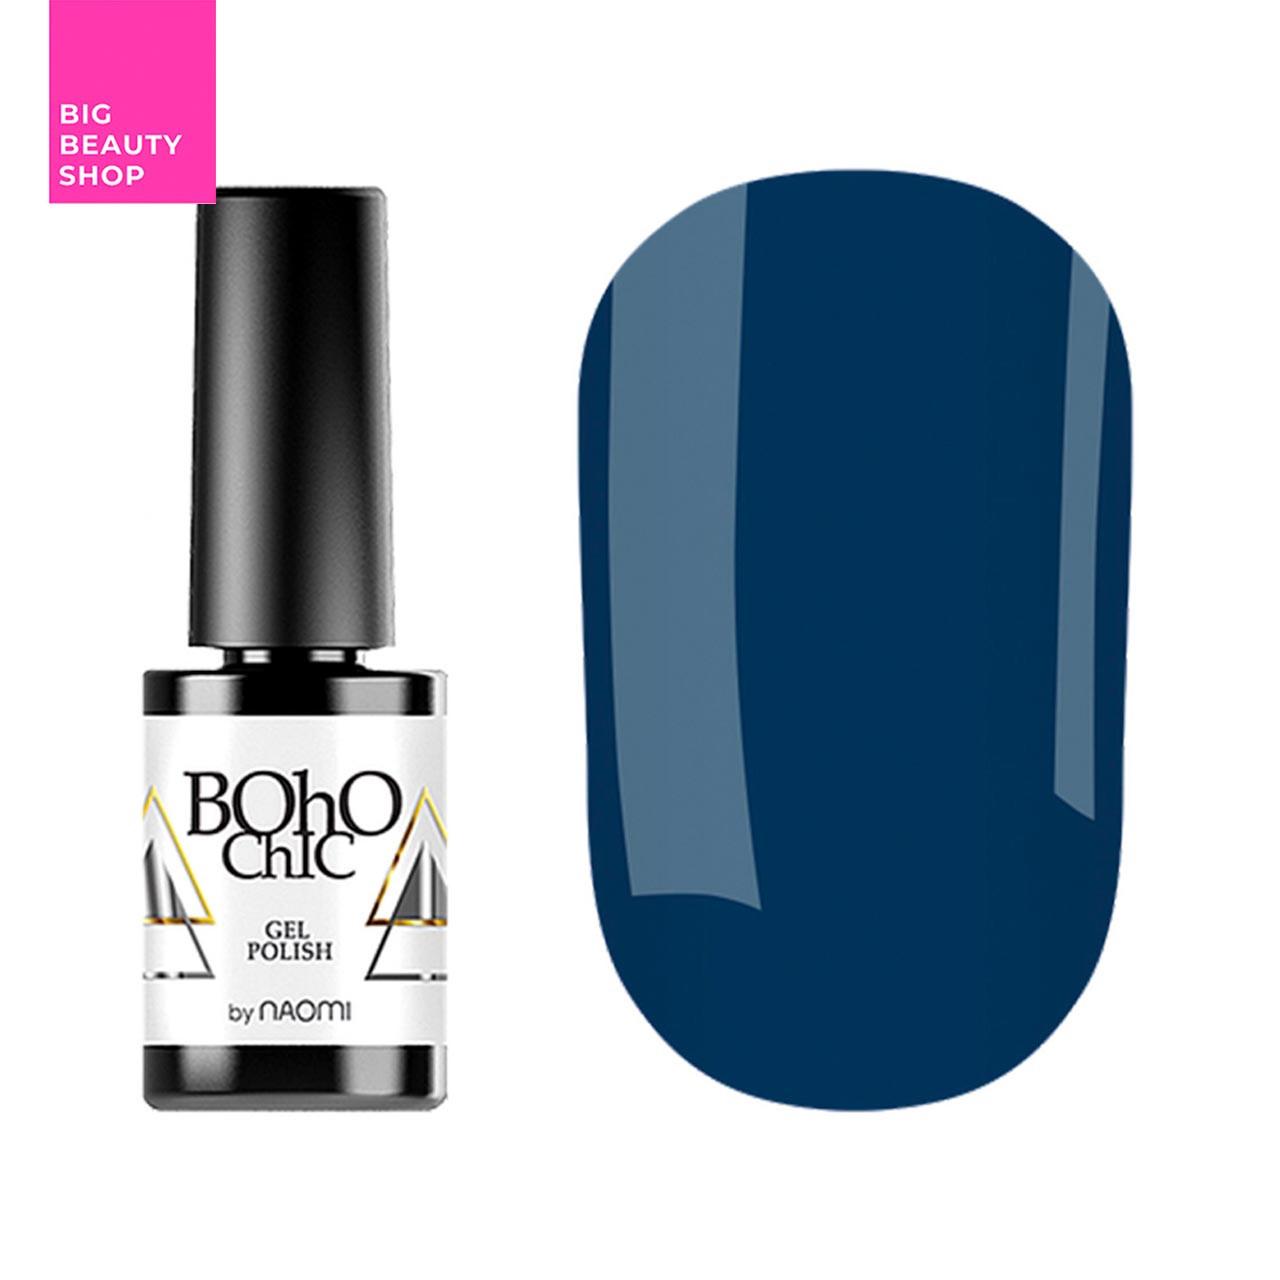 Гель-лак для ногтей Naomi Boho Chic №BC093 Плотный морская волна (эмаль) 6 мл